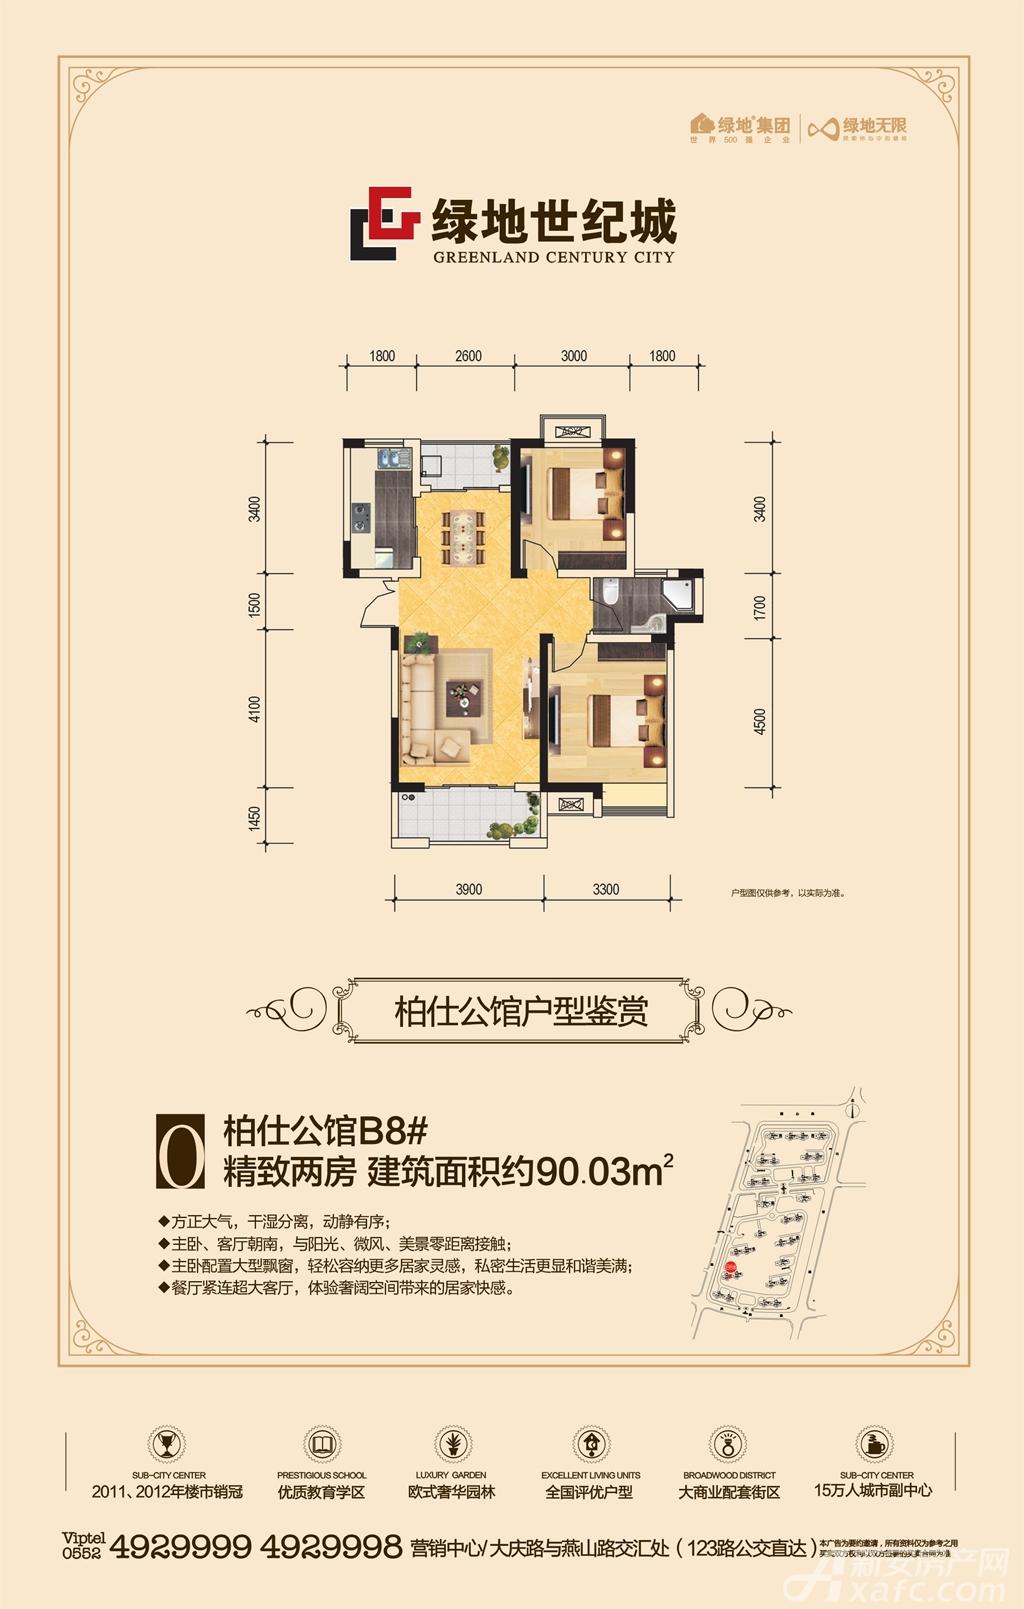 绿地世纪城绿地世纪城O柏庄公馆B8#O户型2室2厅90.03平米